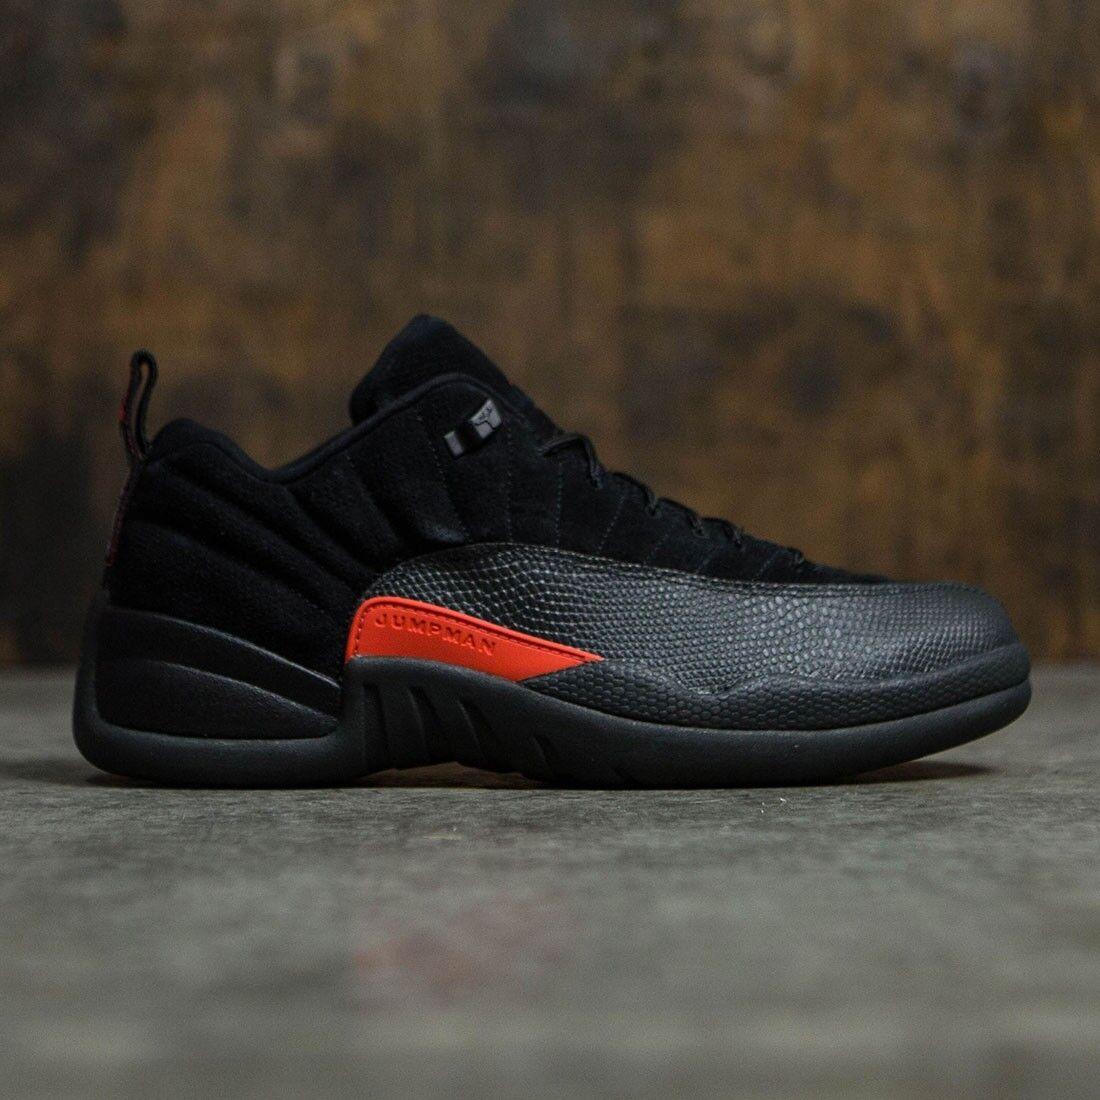 Nike Air Jordan Retro 12 XII bajo el Negro MAX Naranja cómodo el bajo calzado más popular para los hombres y las mujeres 89cd15